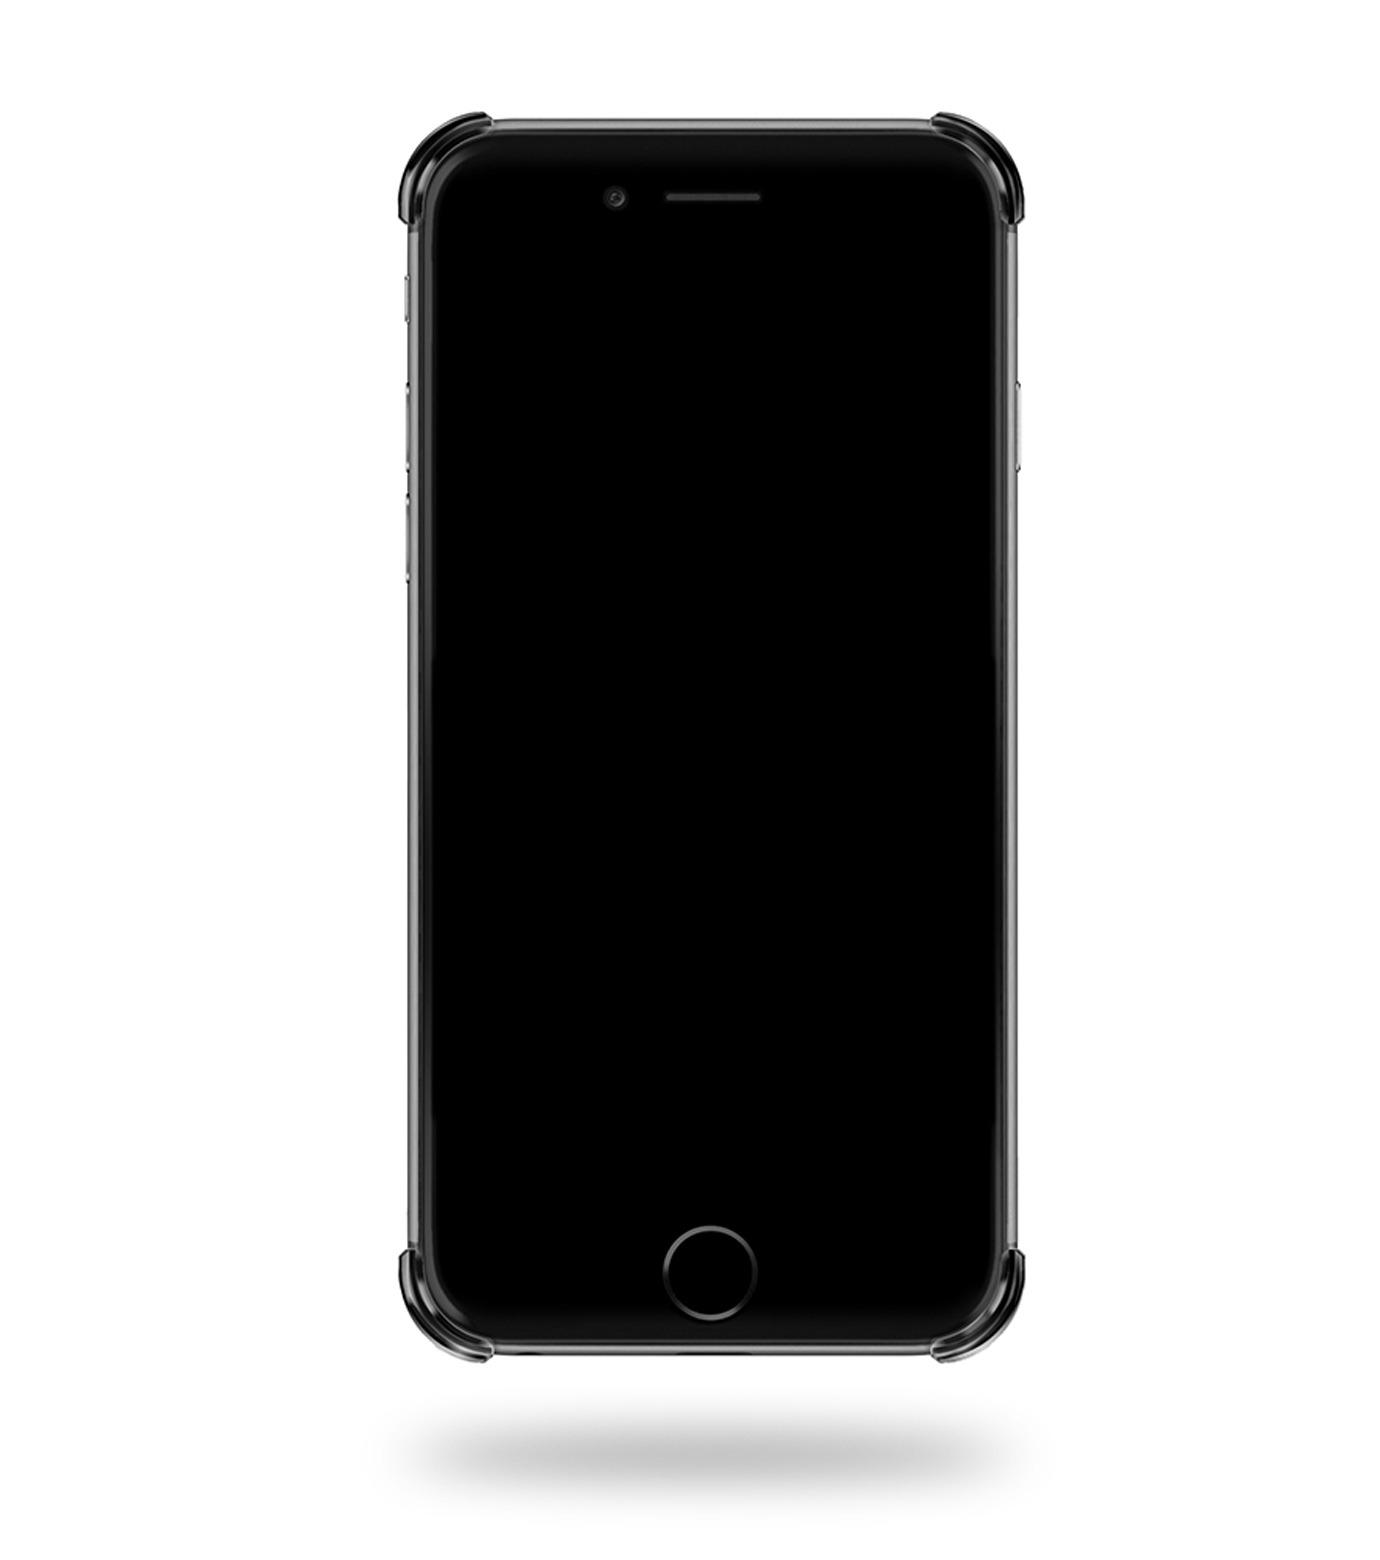 RADIUS(ラディウス)のRADIUS 6 PLUS All Slate-BLACK(ケースiphone6plus/6splus/case iphone6plus/6splus)-402202-AS-13 拡大詳細画像2